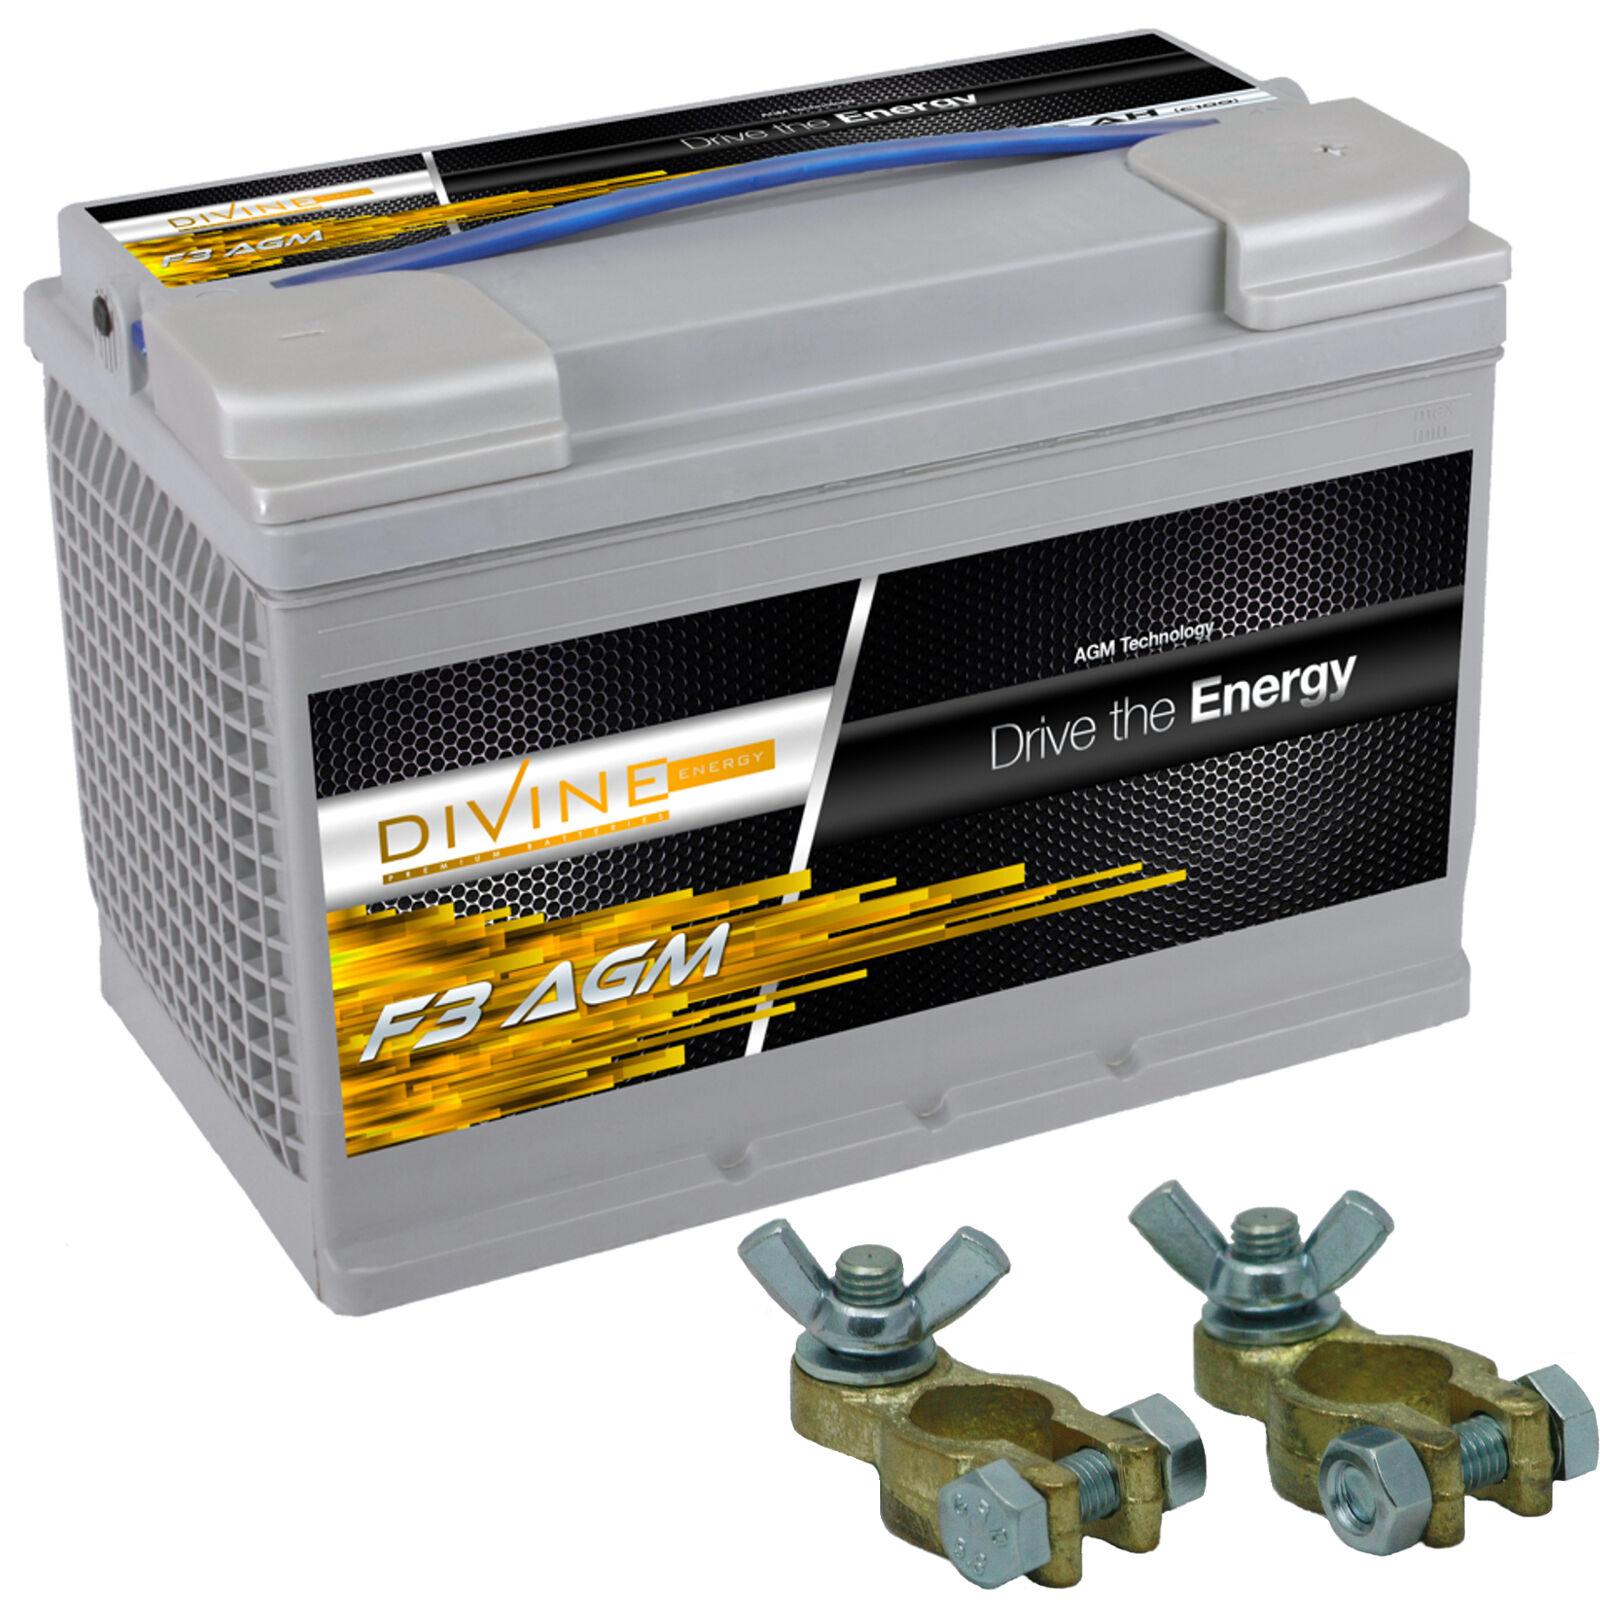 Divine F3 80Ah AGM Stiefel Antrieb Batterie mit Batterieklemmen ersetzt 75, 85ah